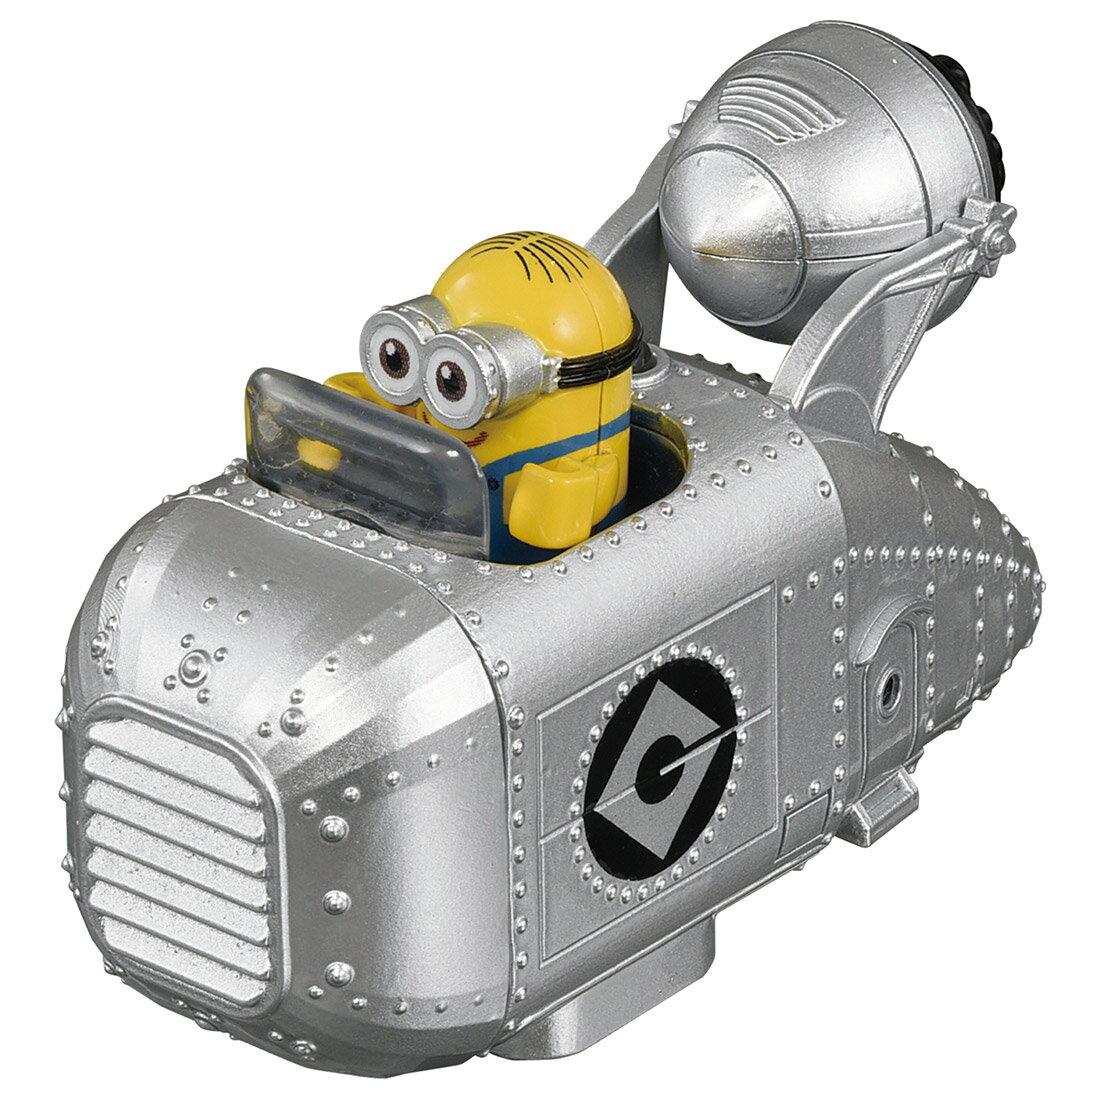 ドリームトミカ ライドオンR01 ミニオン×グルーの車(仮)